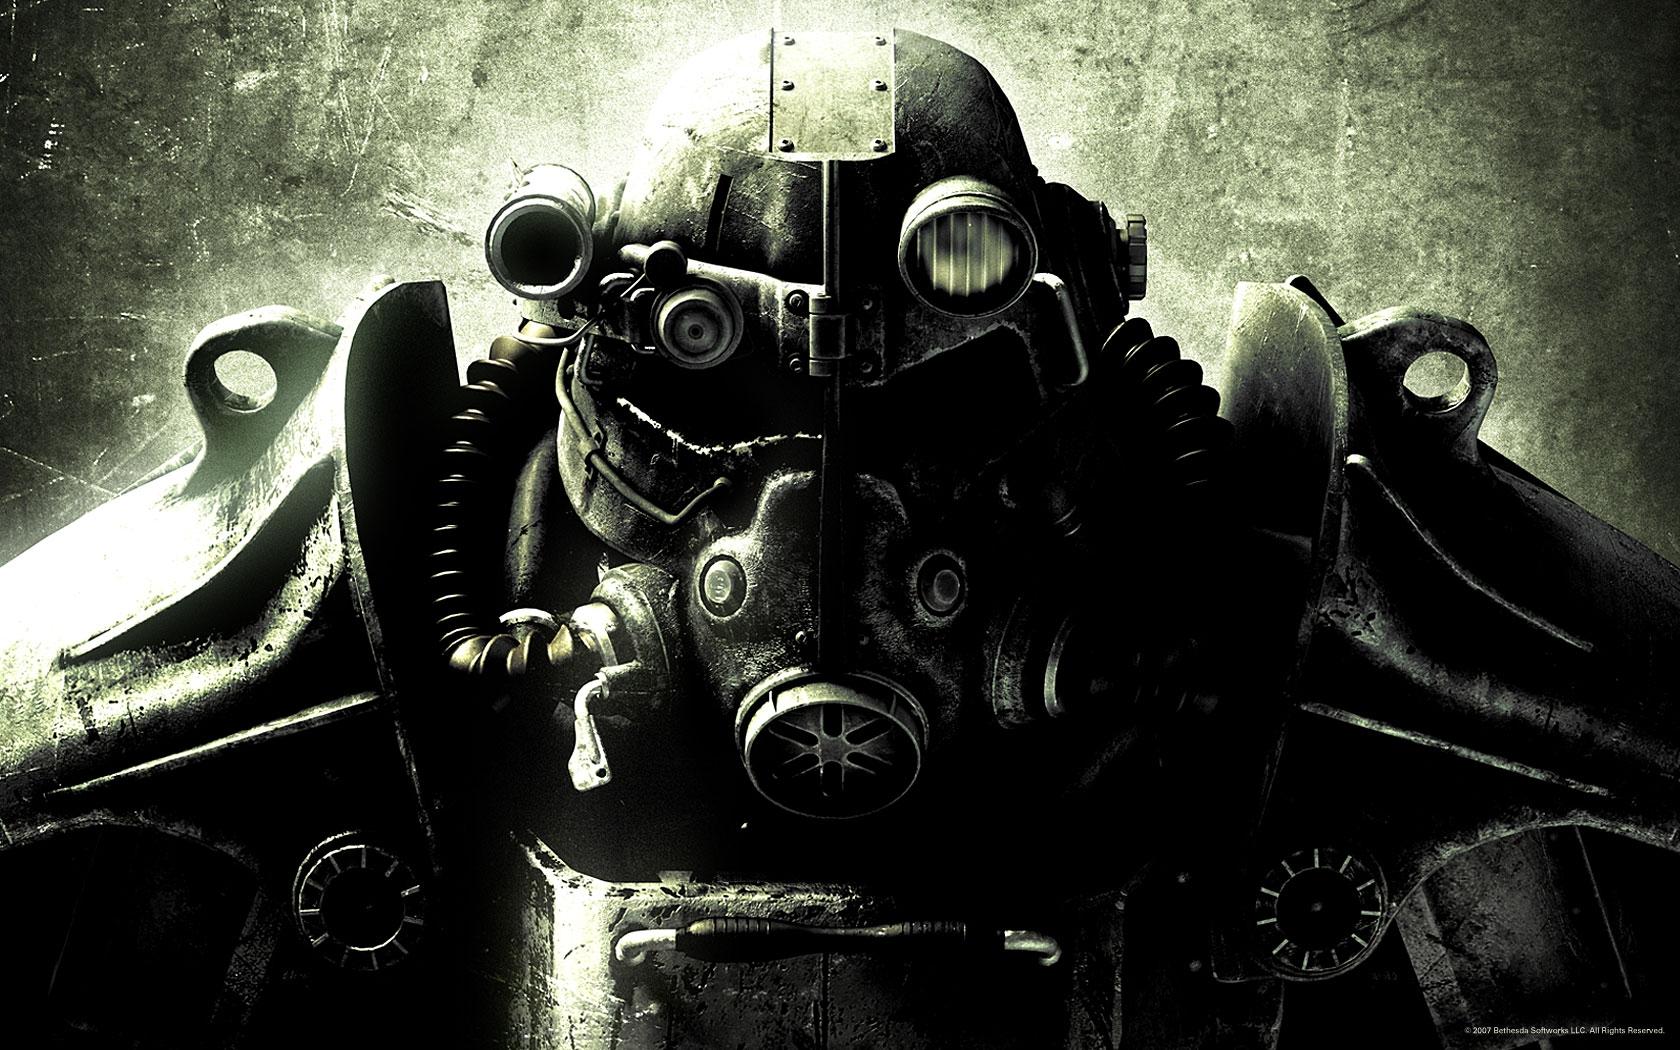 Hełm pancerza wspomaganego z serii Fallout.